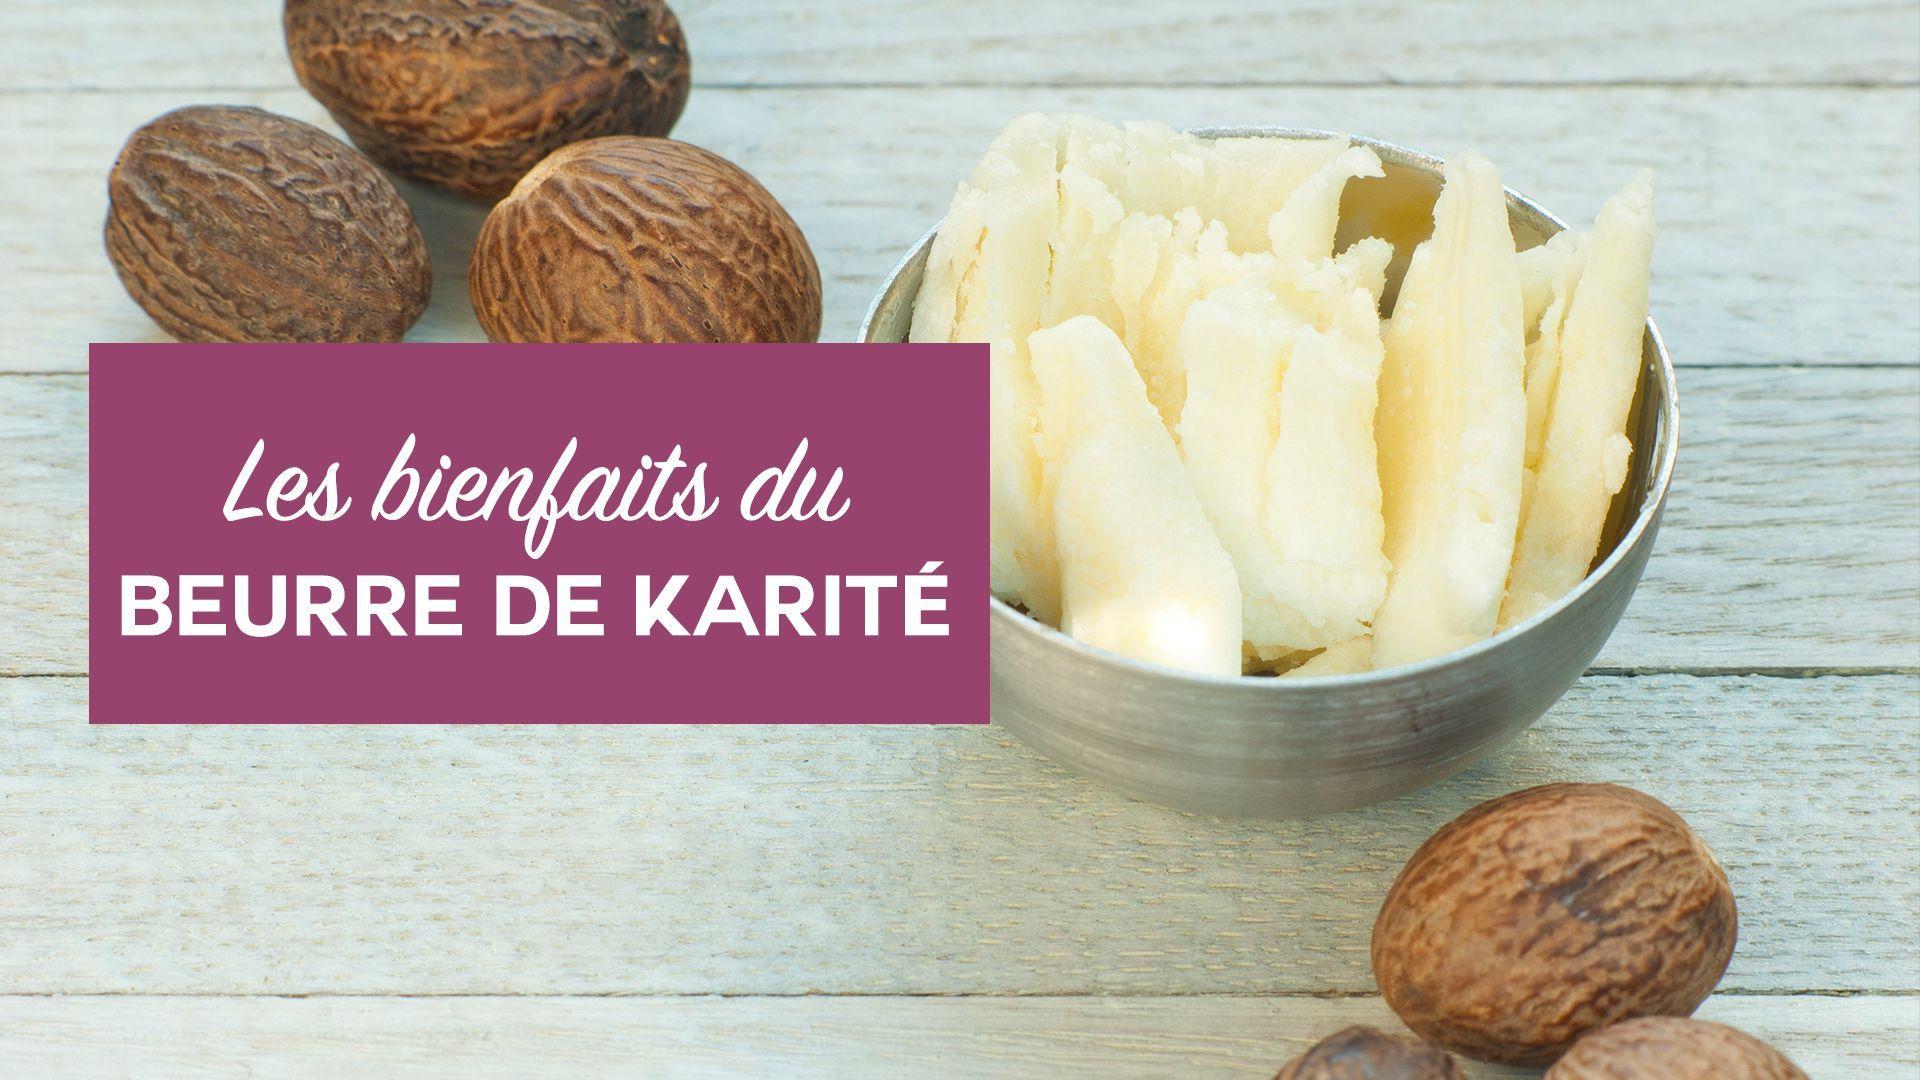 Beauté : les bienfaits du beurre de karité